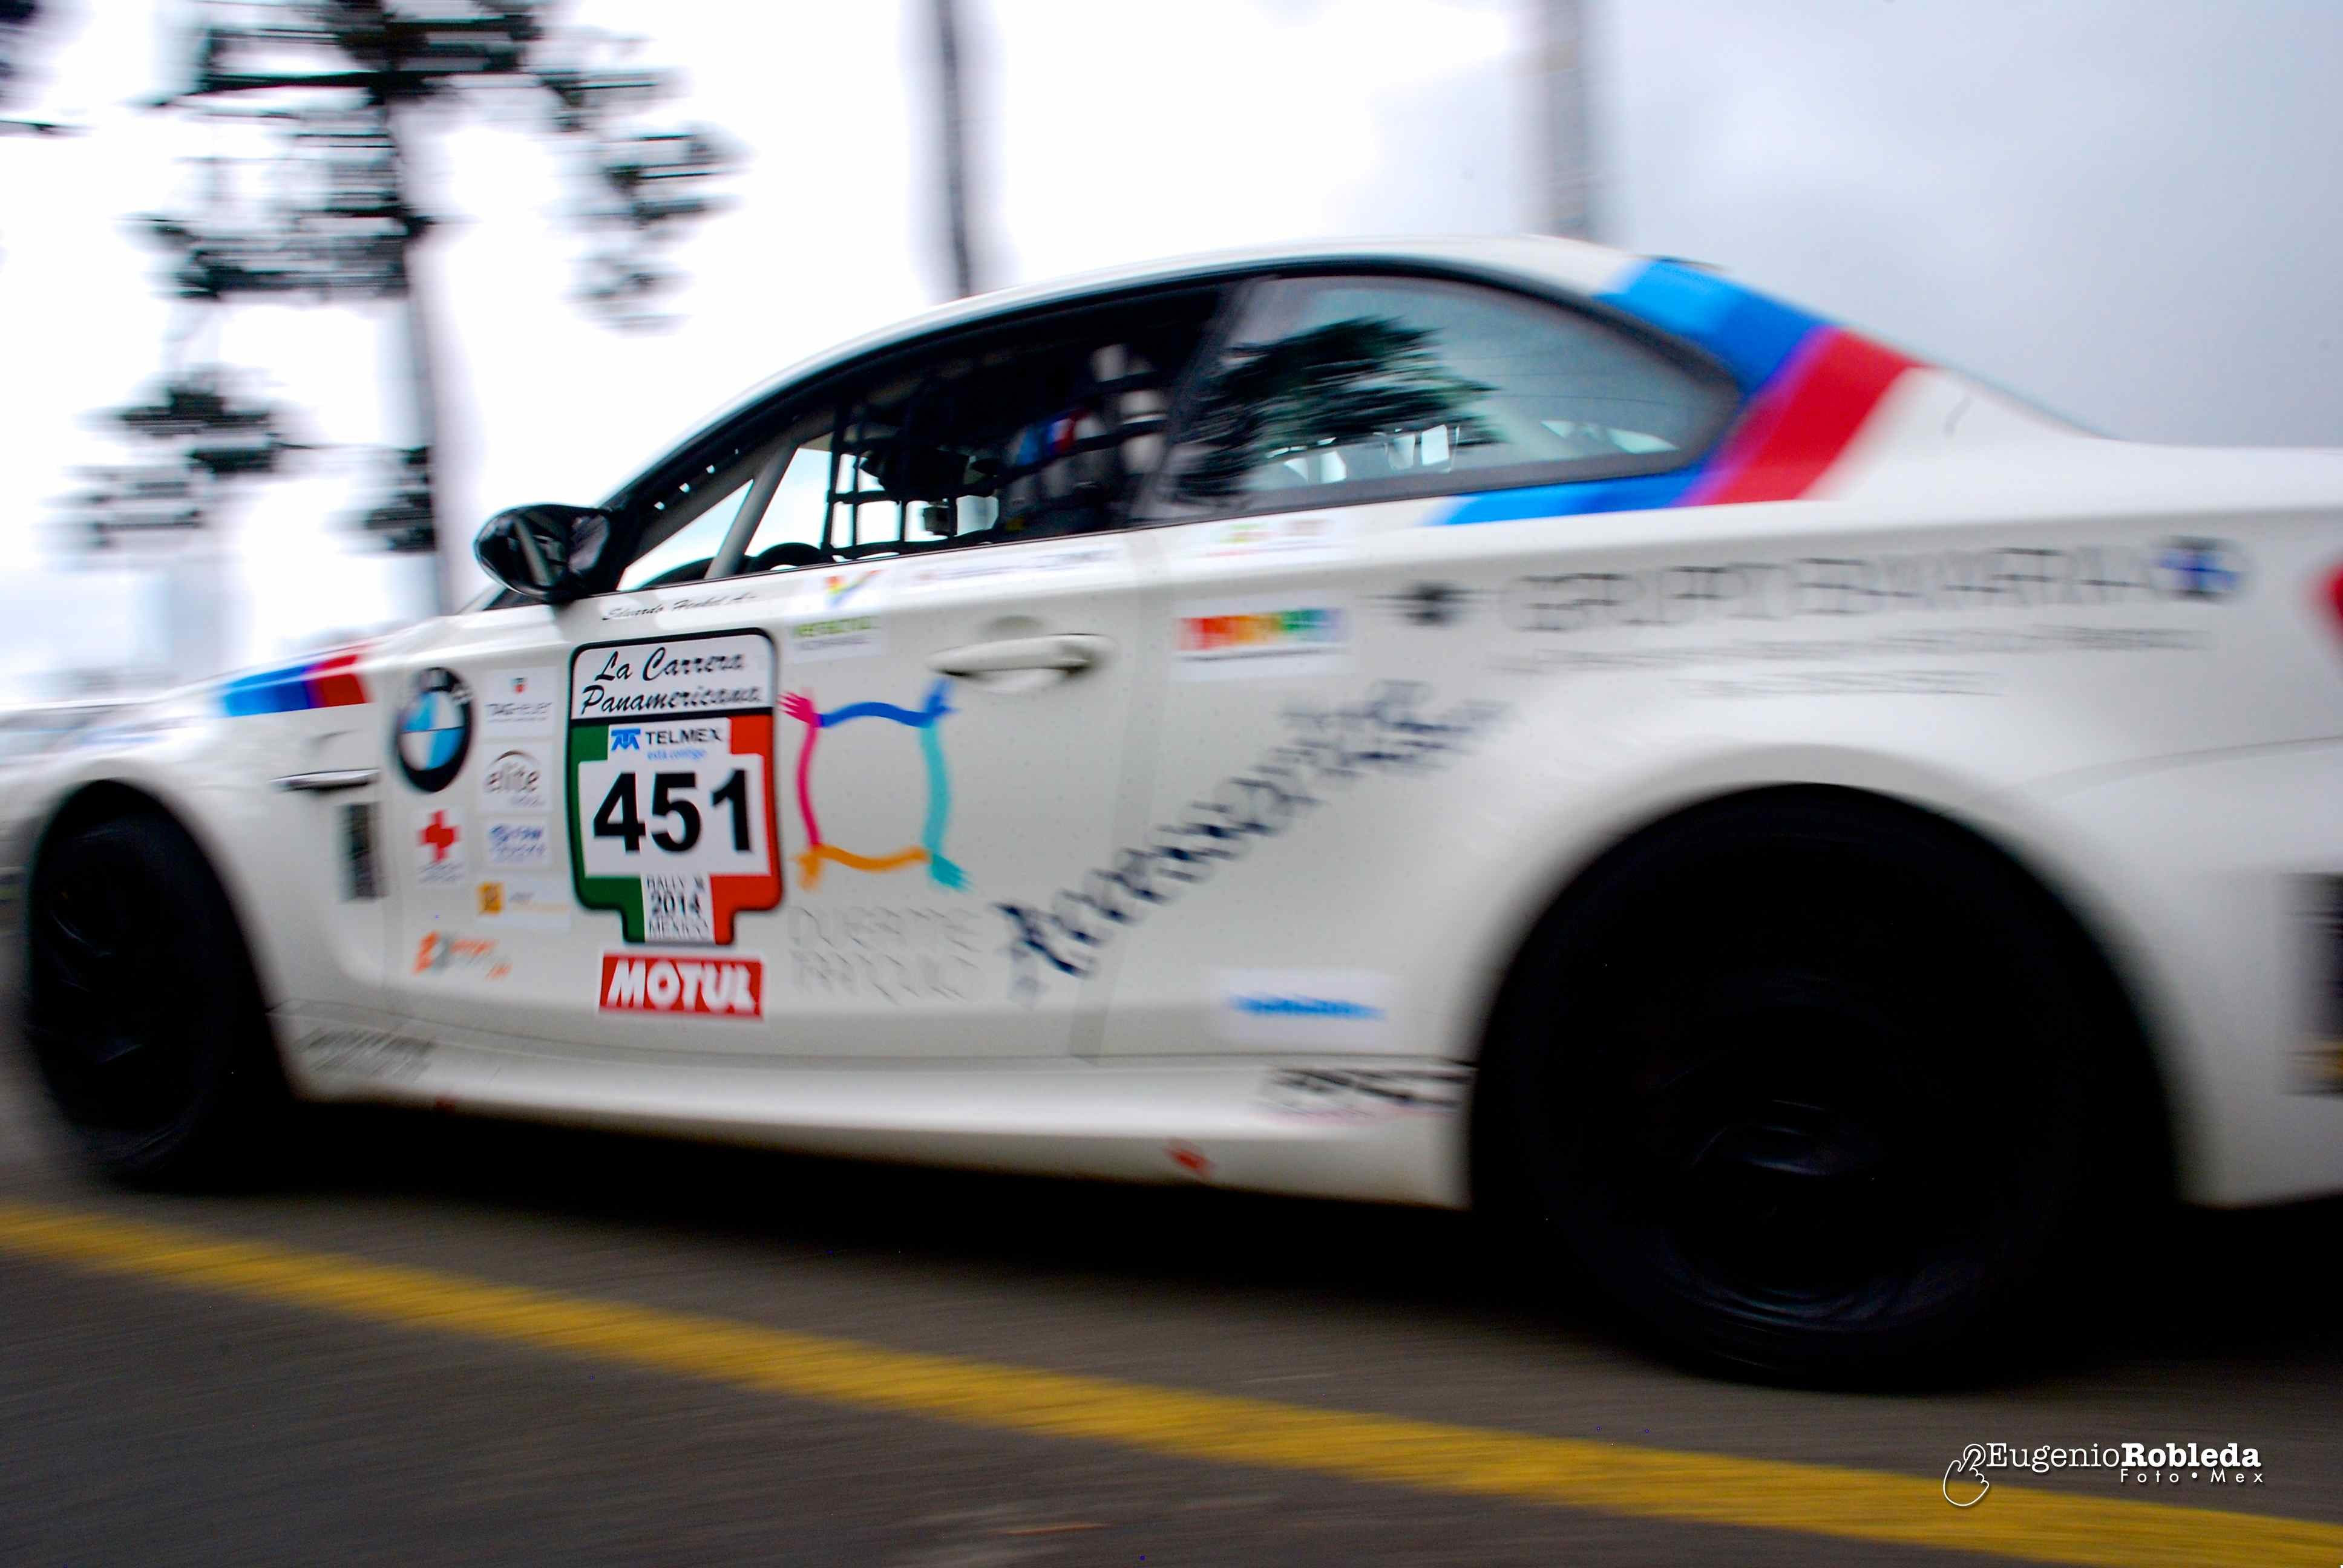 La Carrera Panamericana 2014, 19 Octubre, DF - Nevado - Raices - Toluca